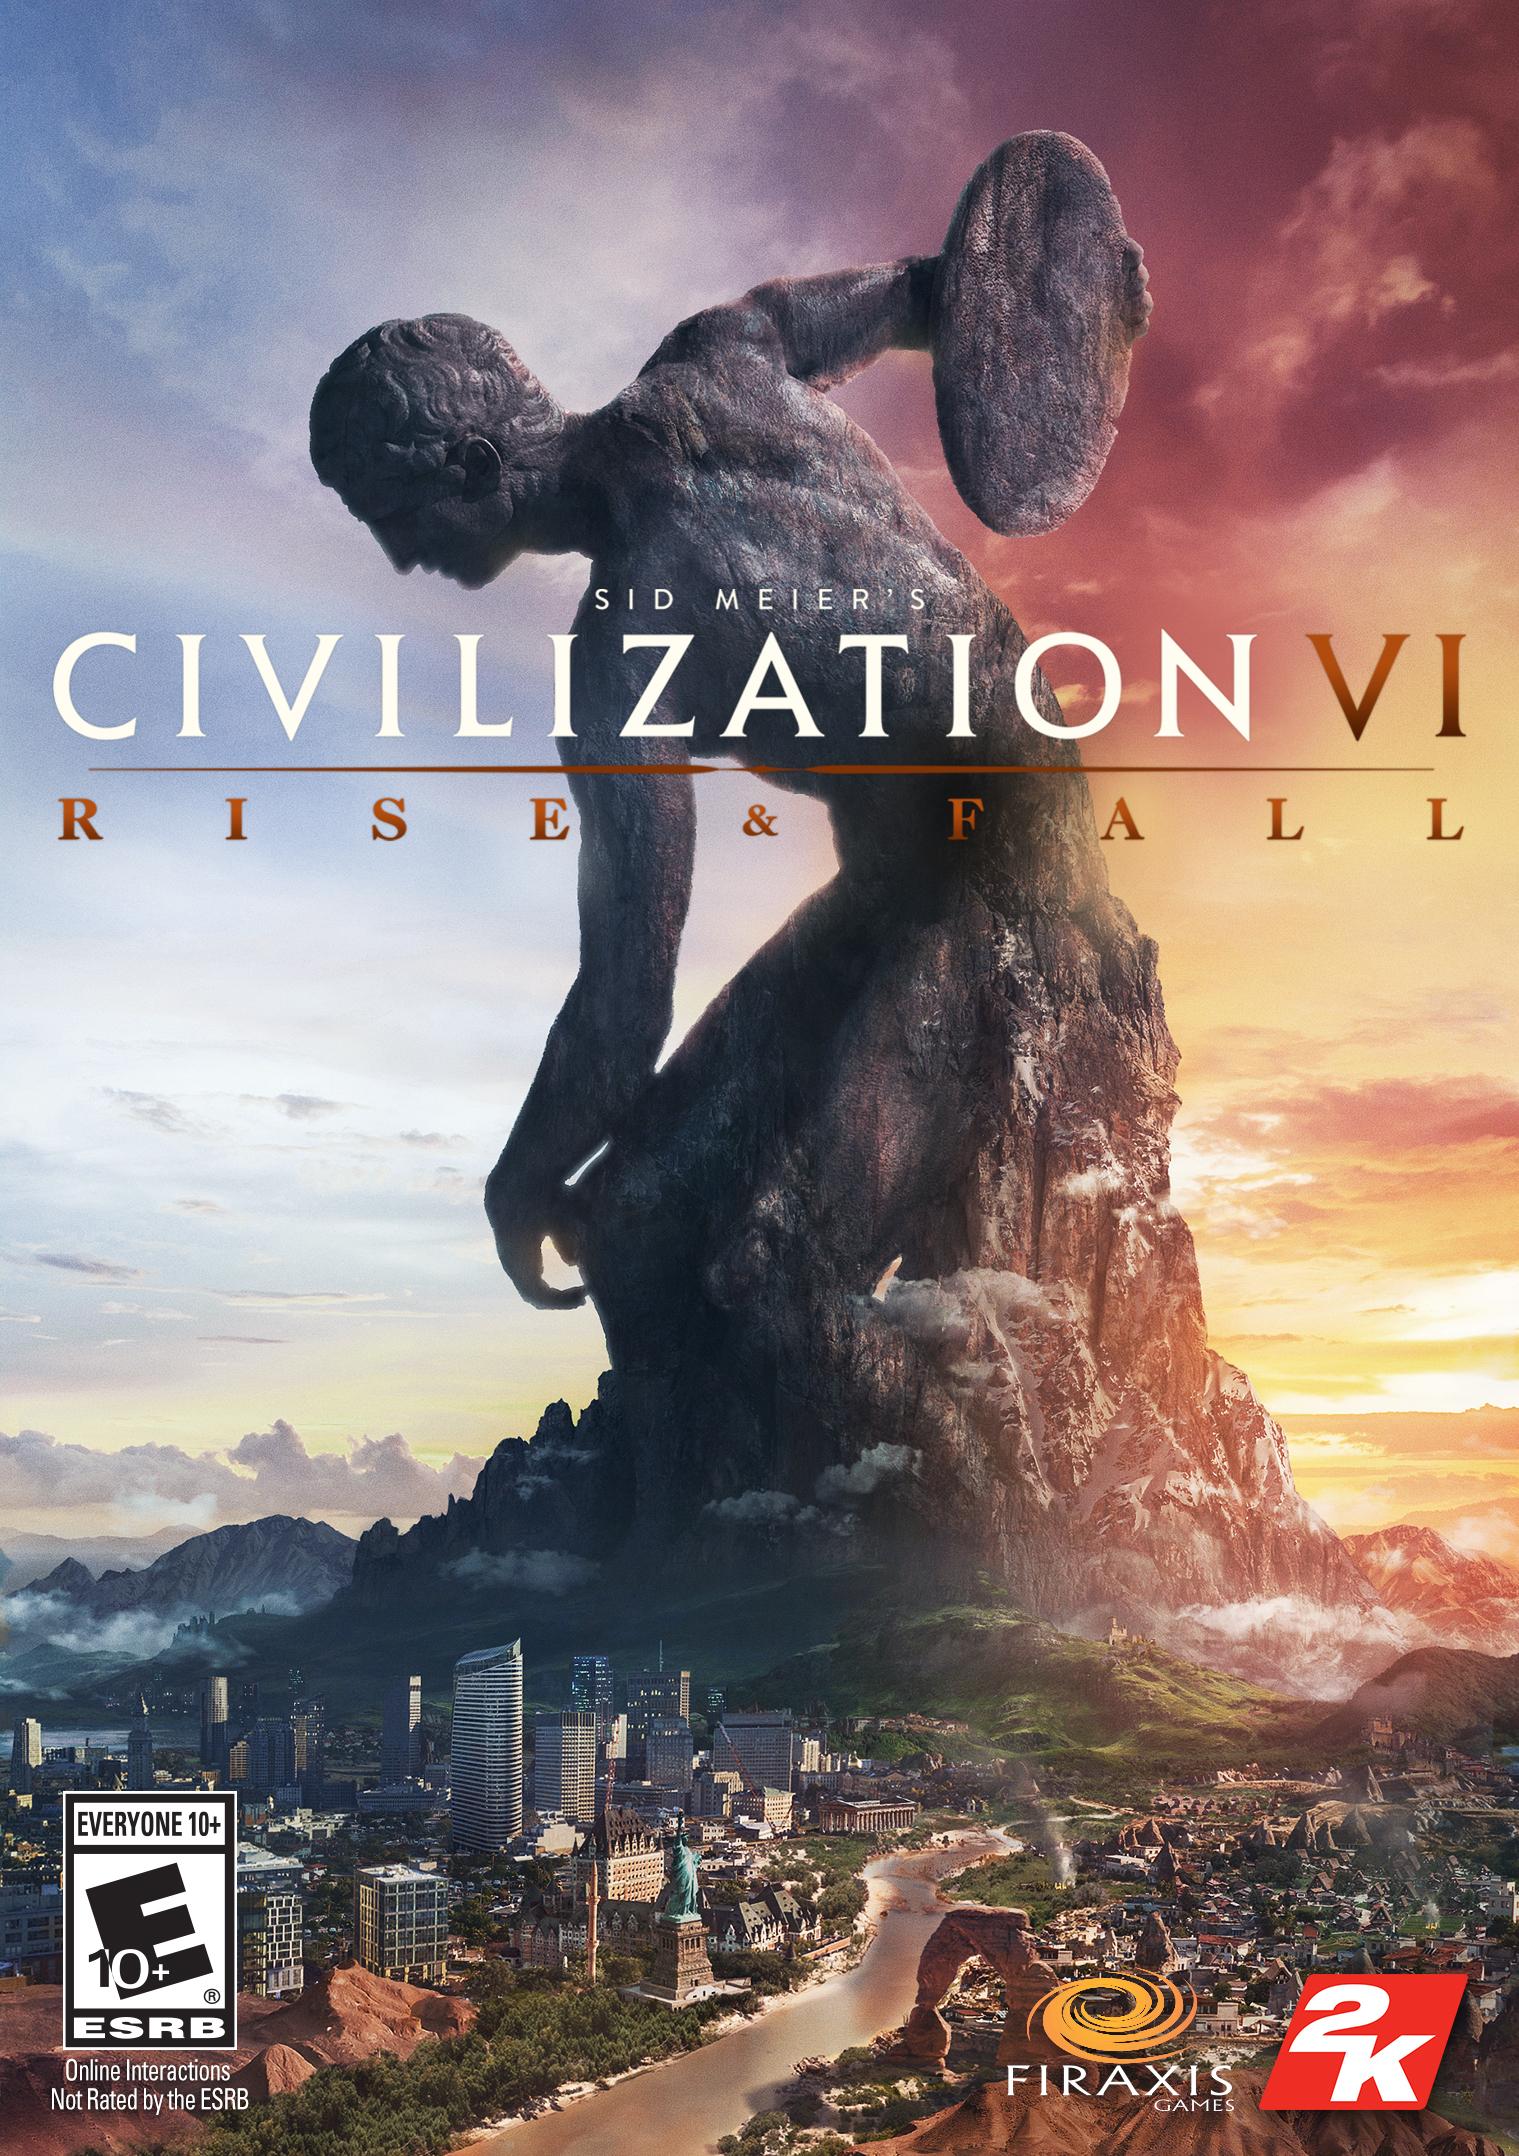 Civilization VI: Rise and Fall | Civilization Wiki | FANDOM